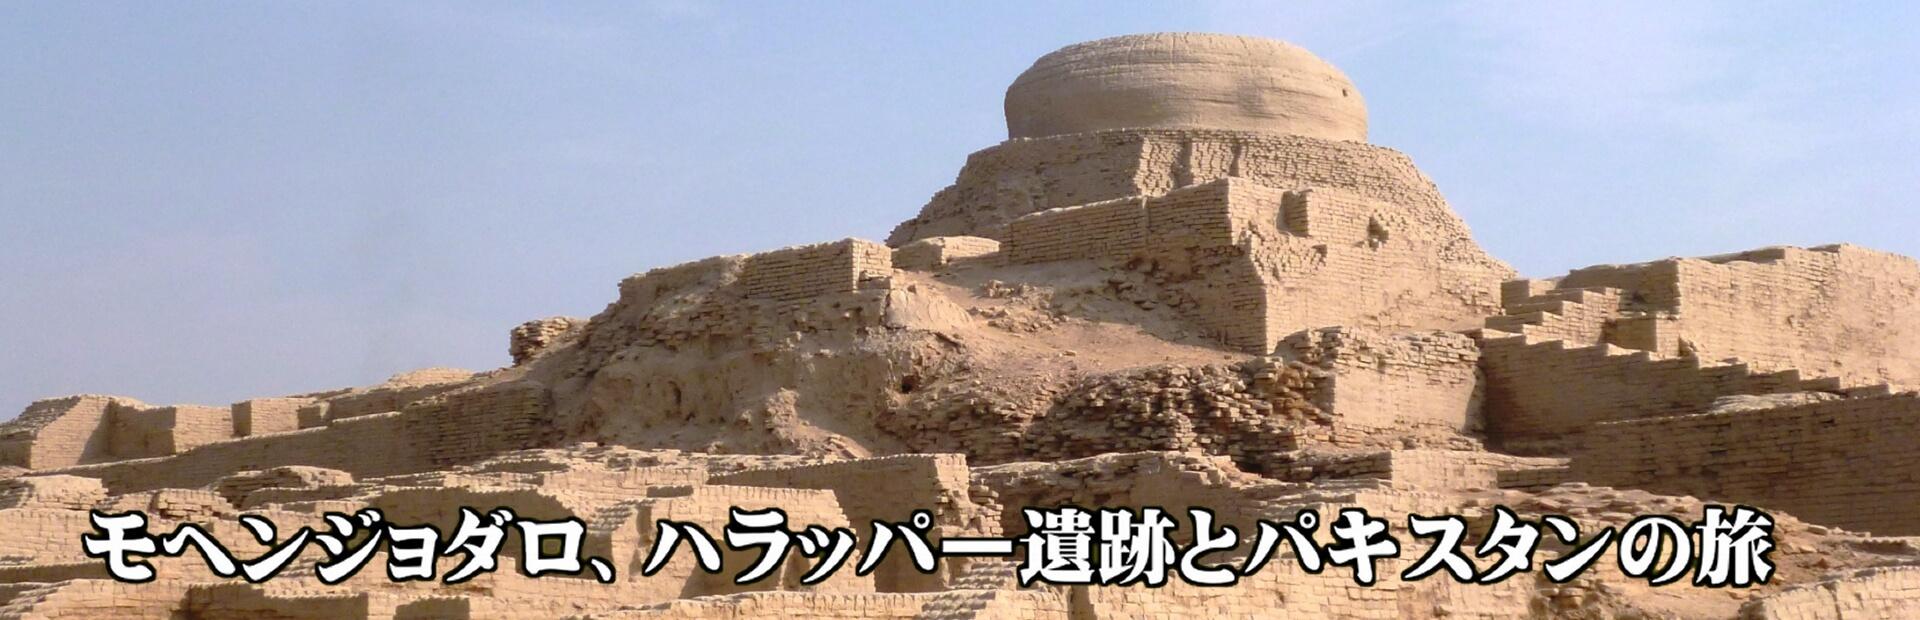 モヘンジョダロ、ハラッパー遺跡とパキスタンの旅